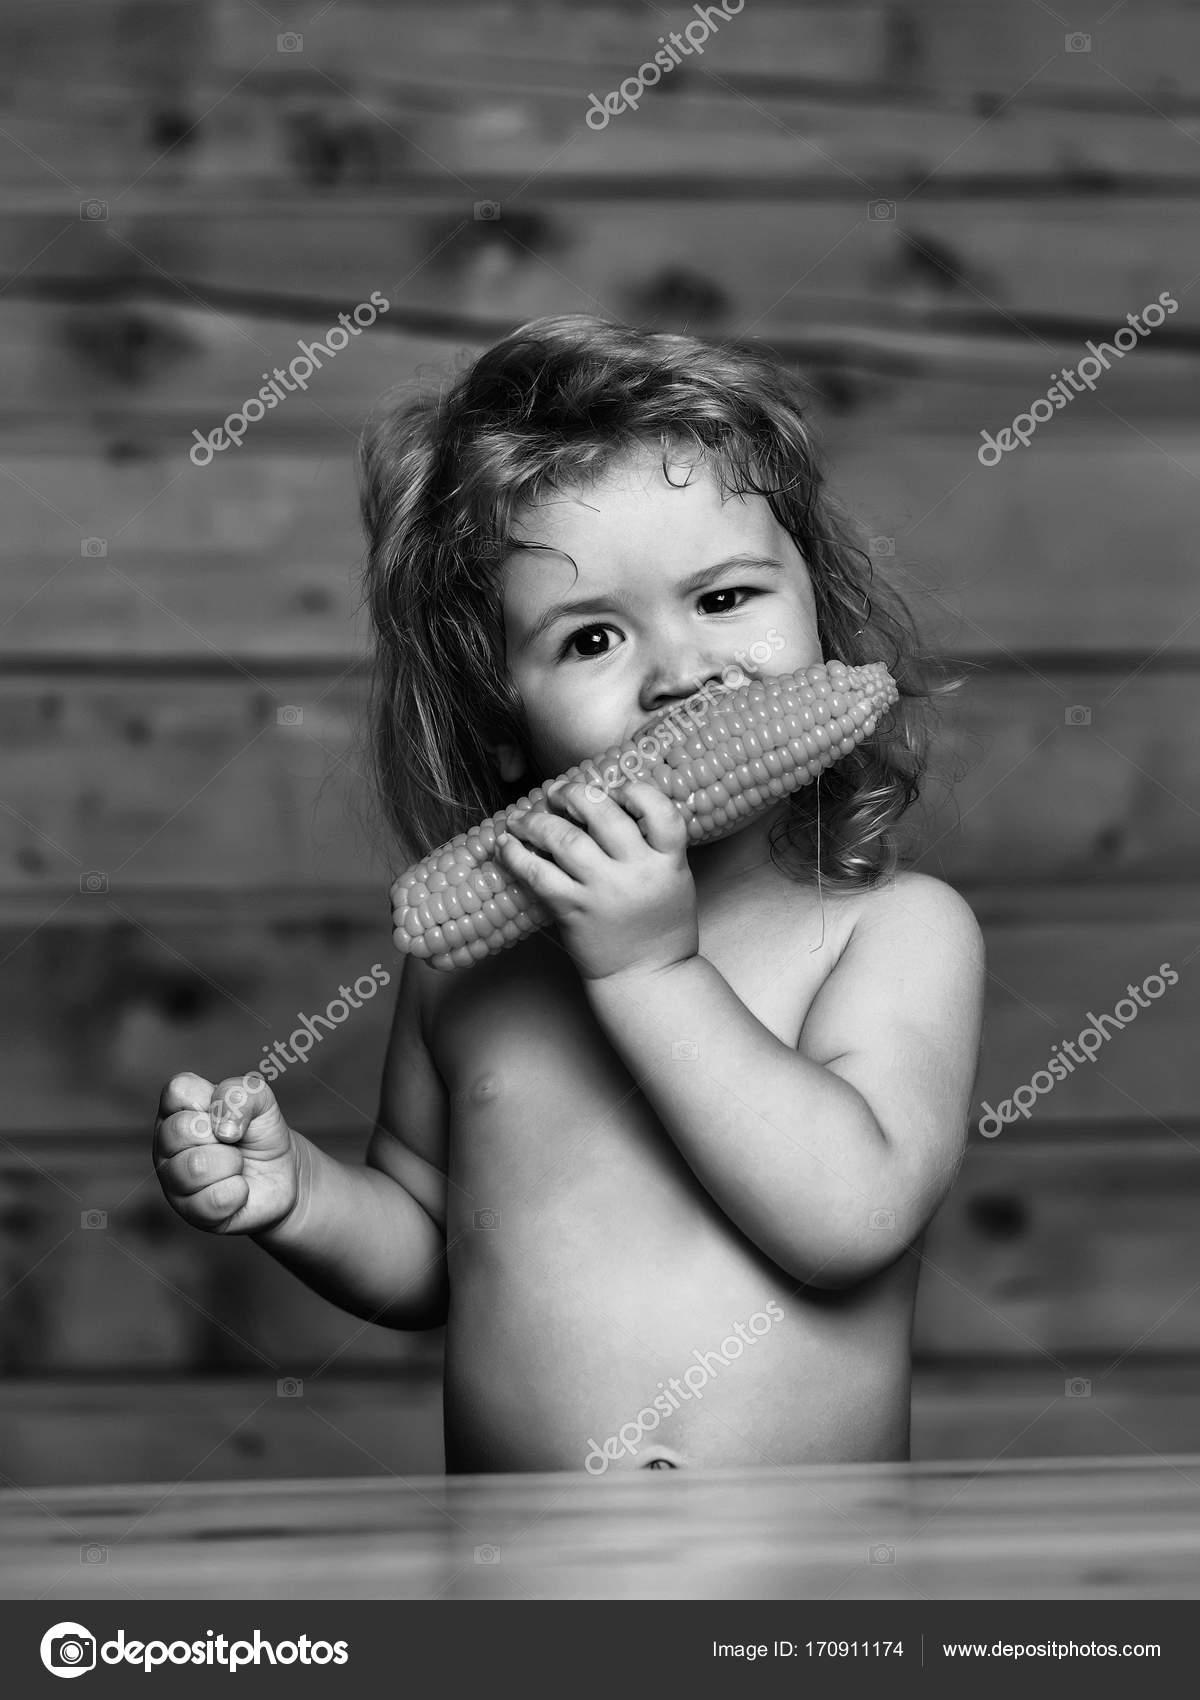 μαύρο μωρό γυμνό δωρεάν βίντεο pron λήψεις